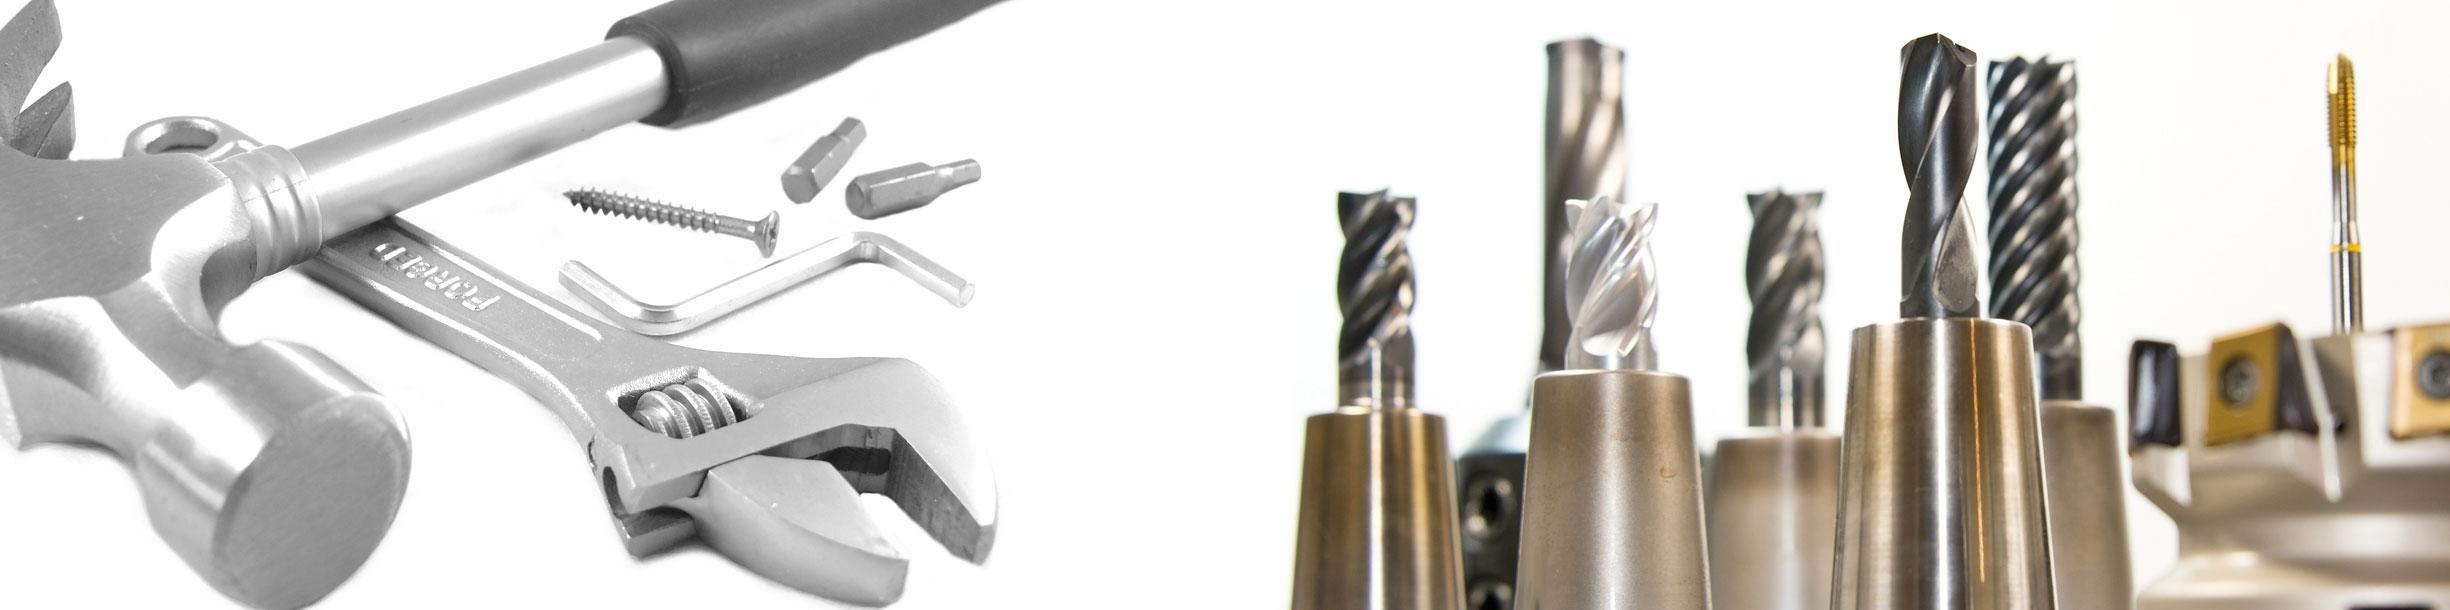 slider-tools